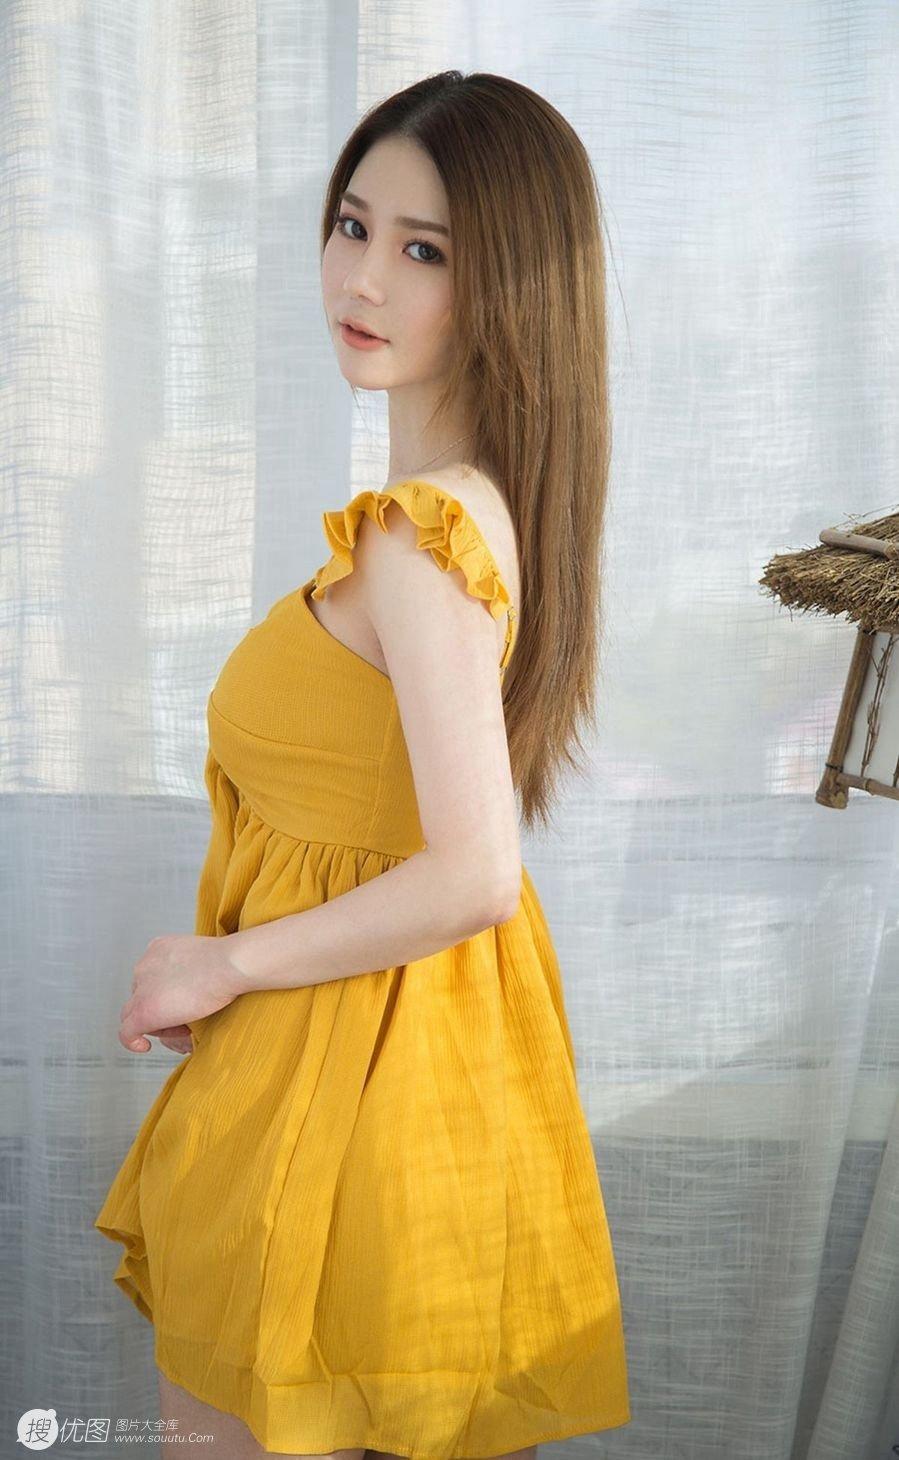 美女模特如歌fairy性感连衣裙私房写真